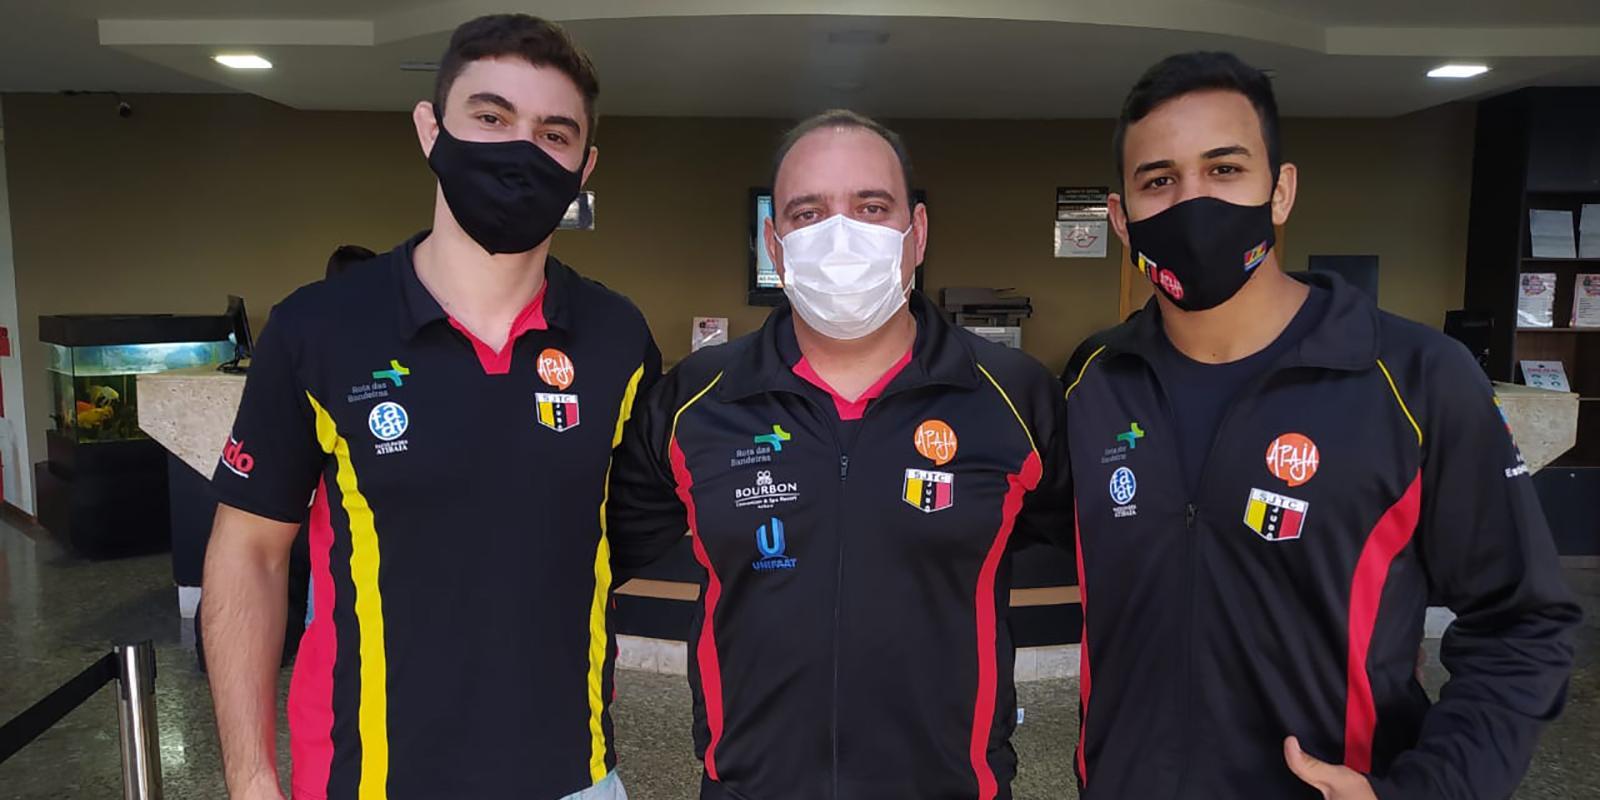 Judocas atibaienses se apresentam em Pindamonhangaba para treinamento da Seleção Brasileira de Judô